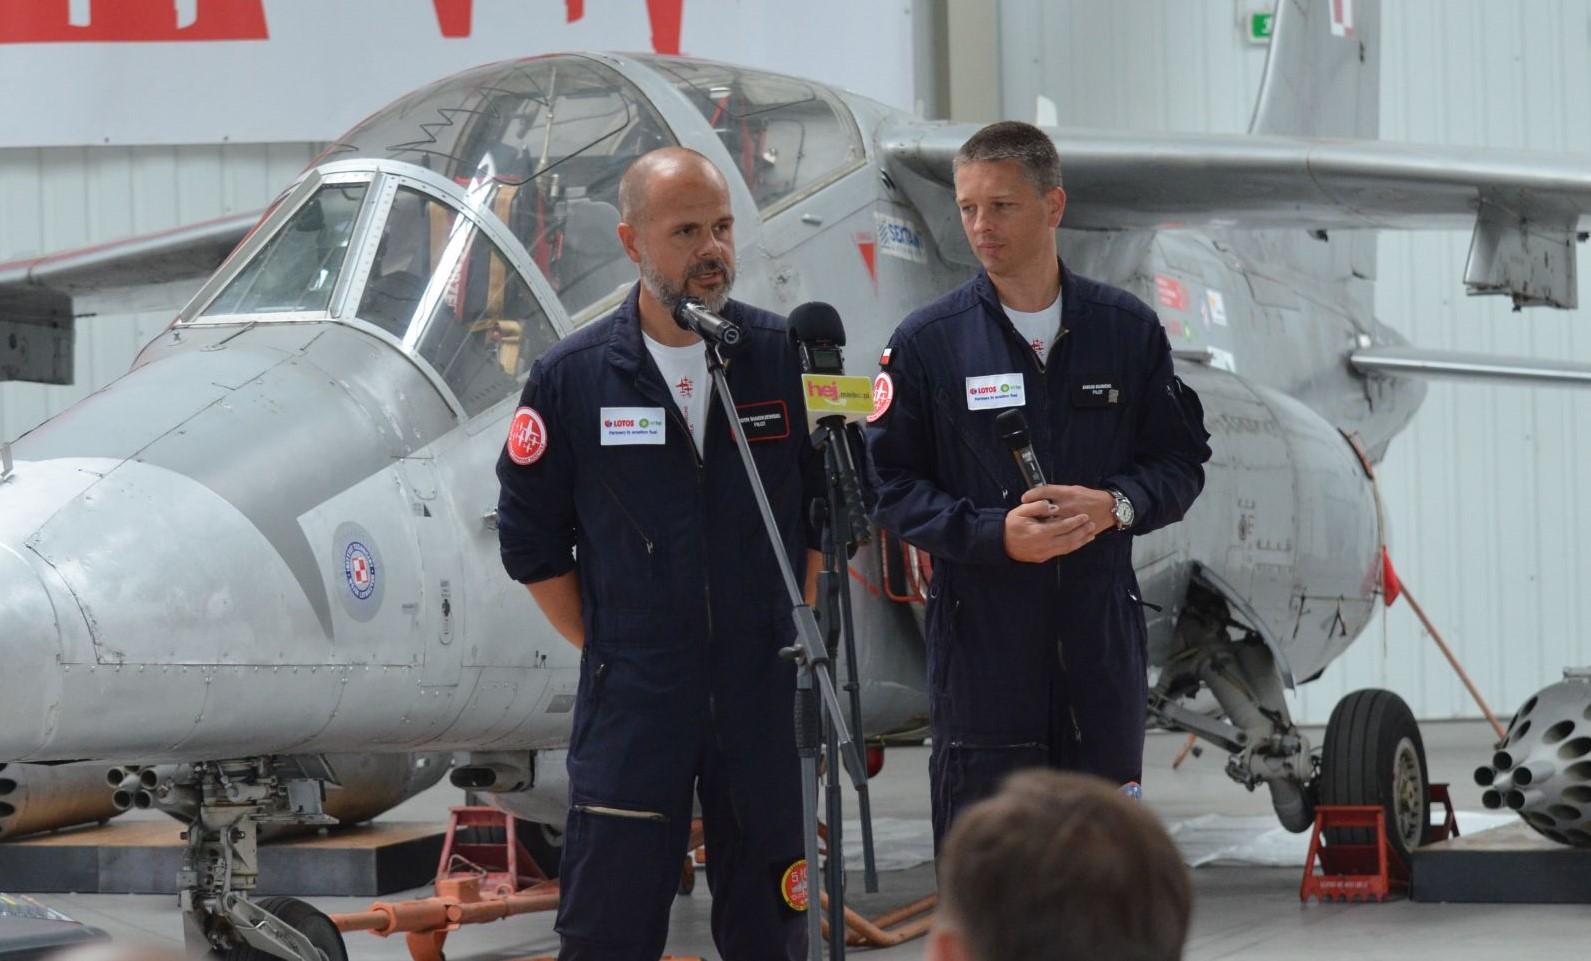 Fundacja Biało Czerwone Skrzydła rozpoczęła swoją działalność w Mielcu. Iryda wróciła do Mielca - Zdjęcie główne